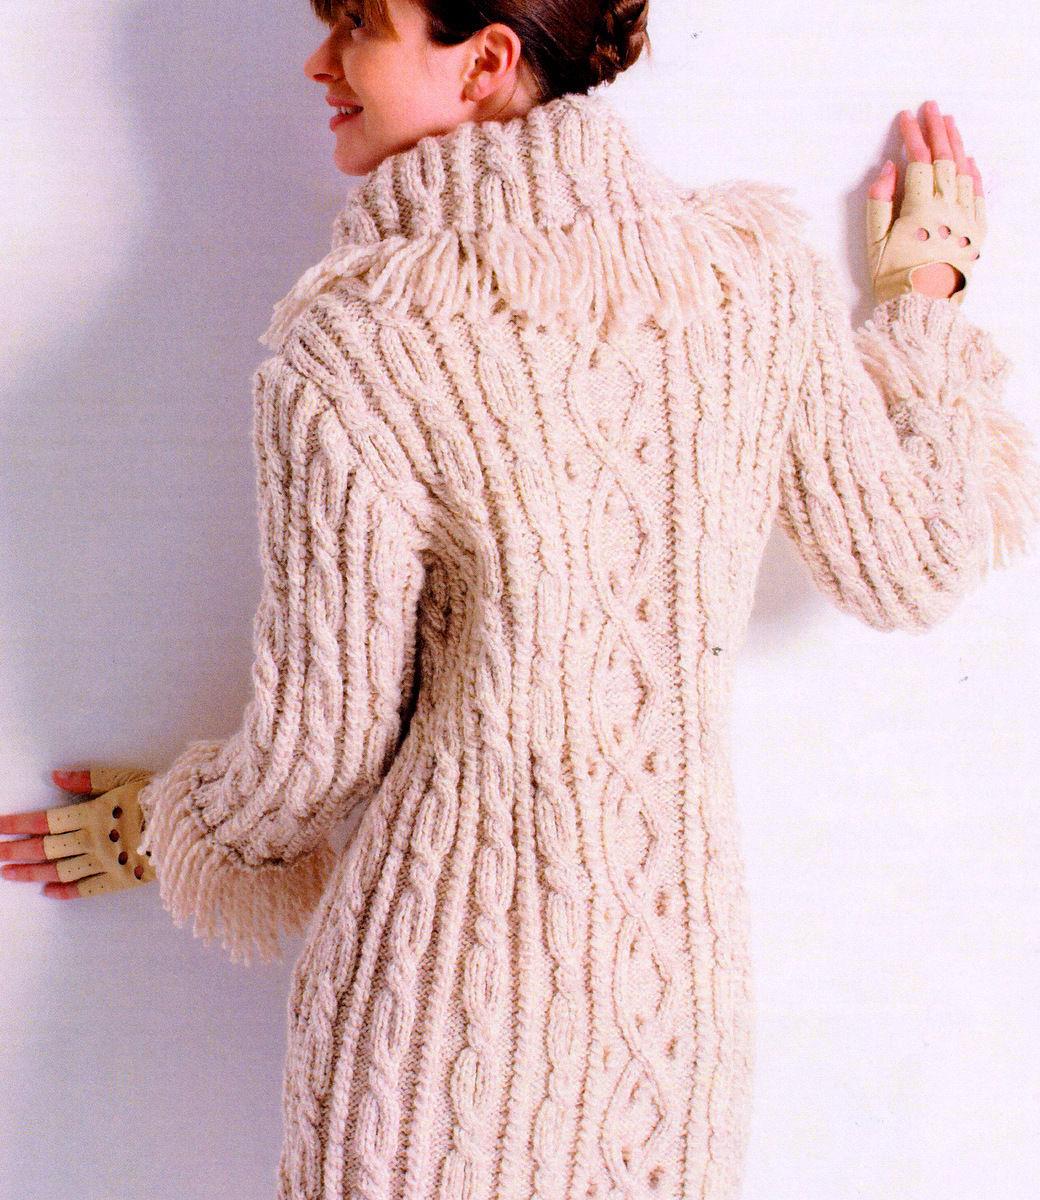 Aran Knitting Patterns Free Various Patterns On Knitting Aran Knitting Patterns